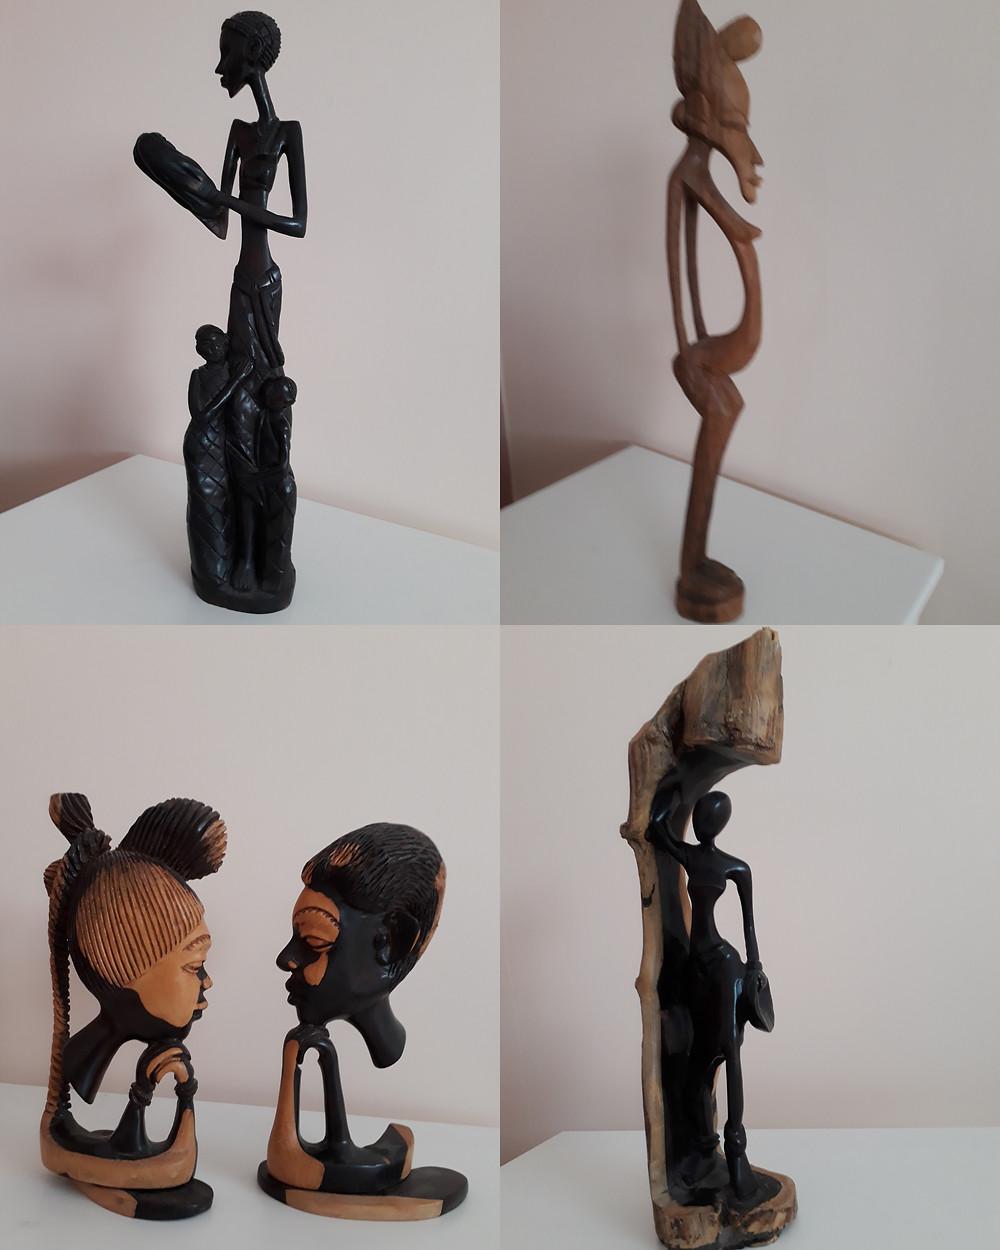 Quatre photos de sculptures de Demba M'Ballo